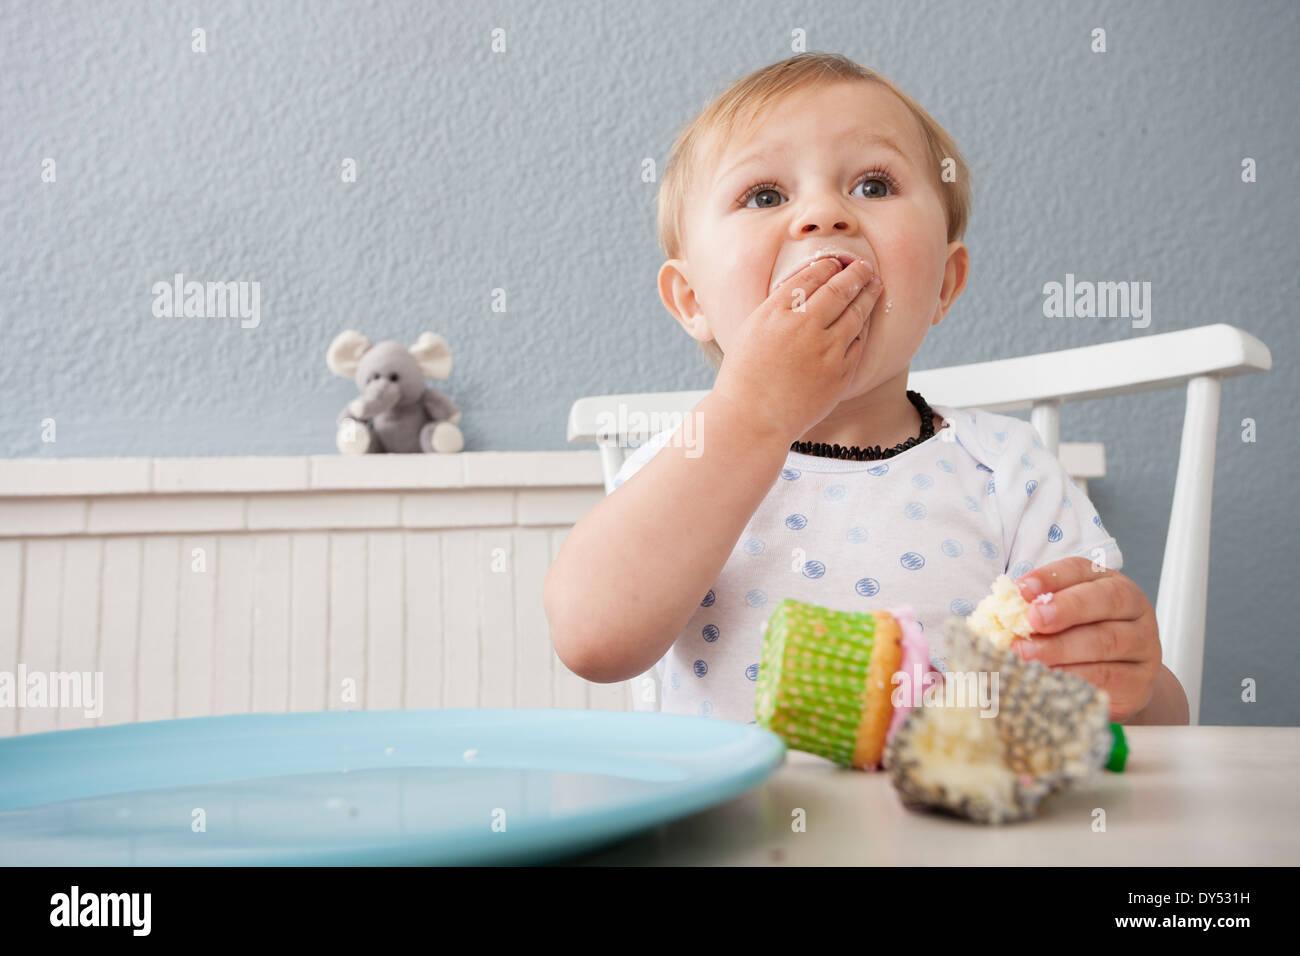 Baby boy eating cupcake - Stock Image